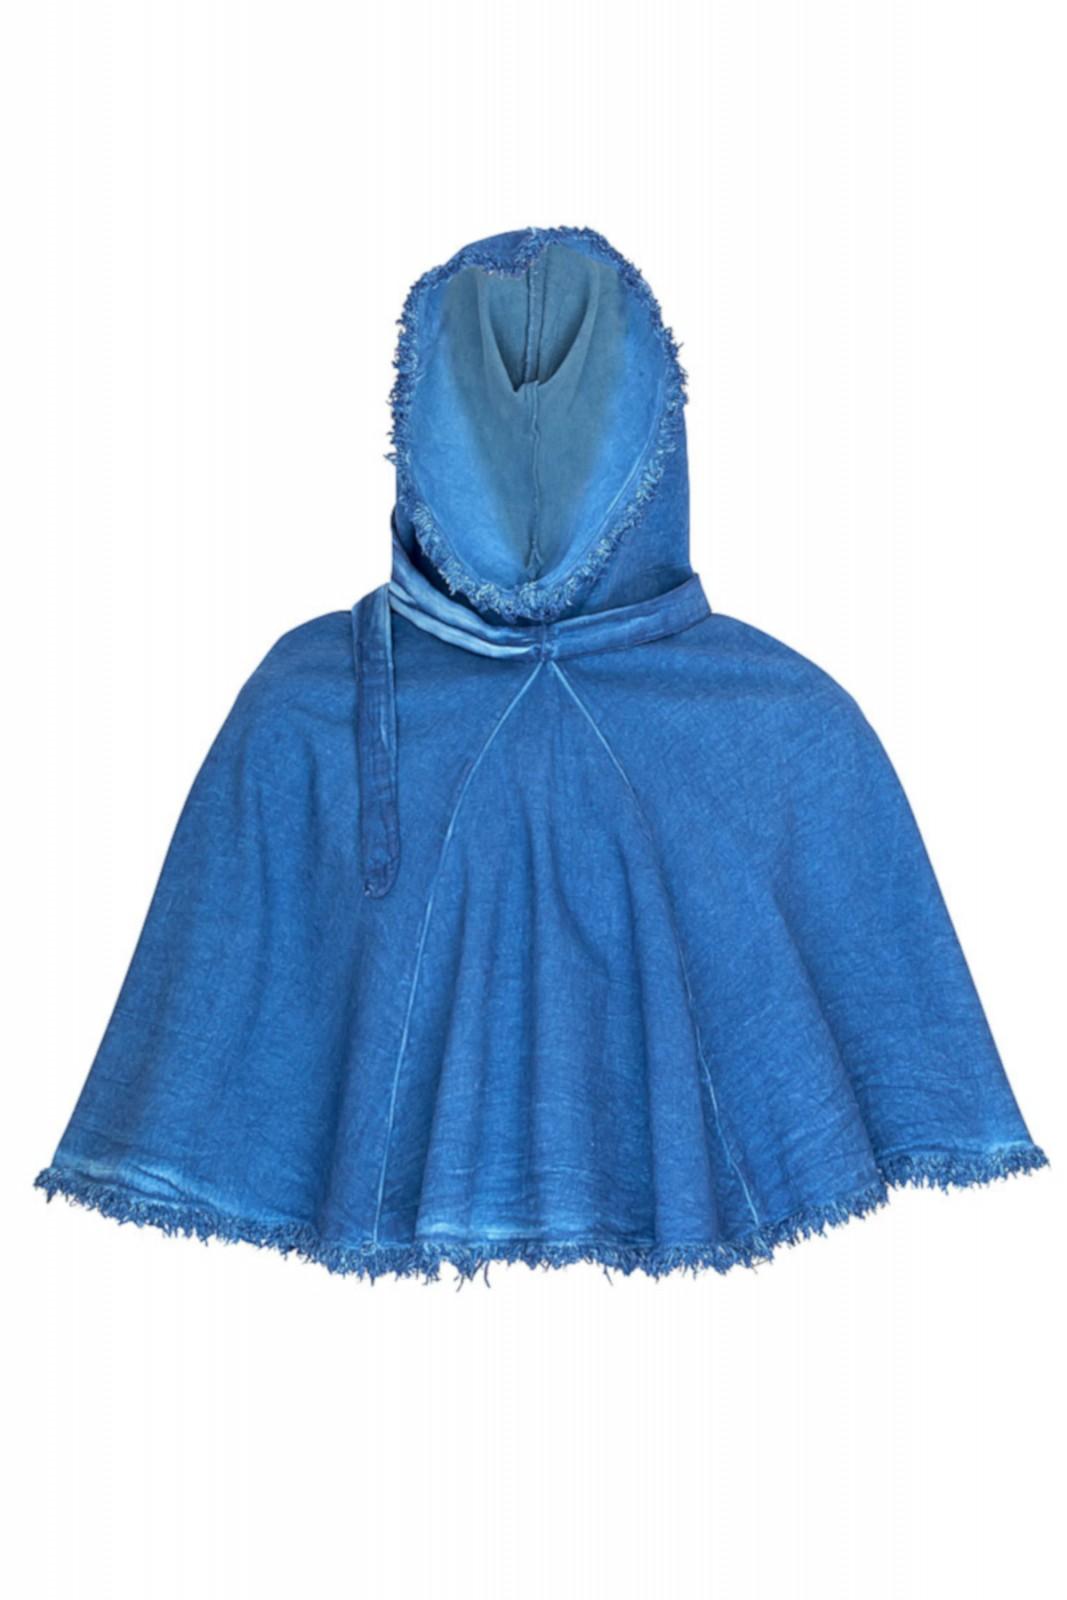 Hjalmar - Gugel blau